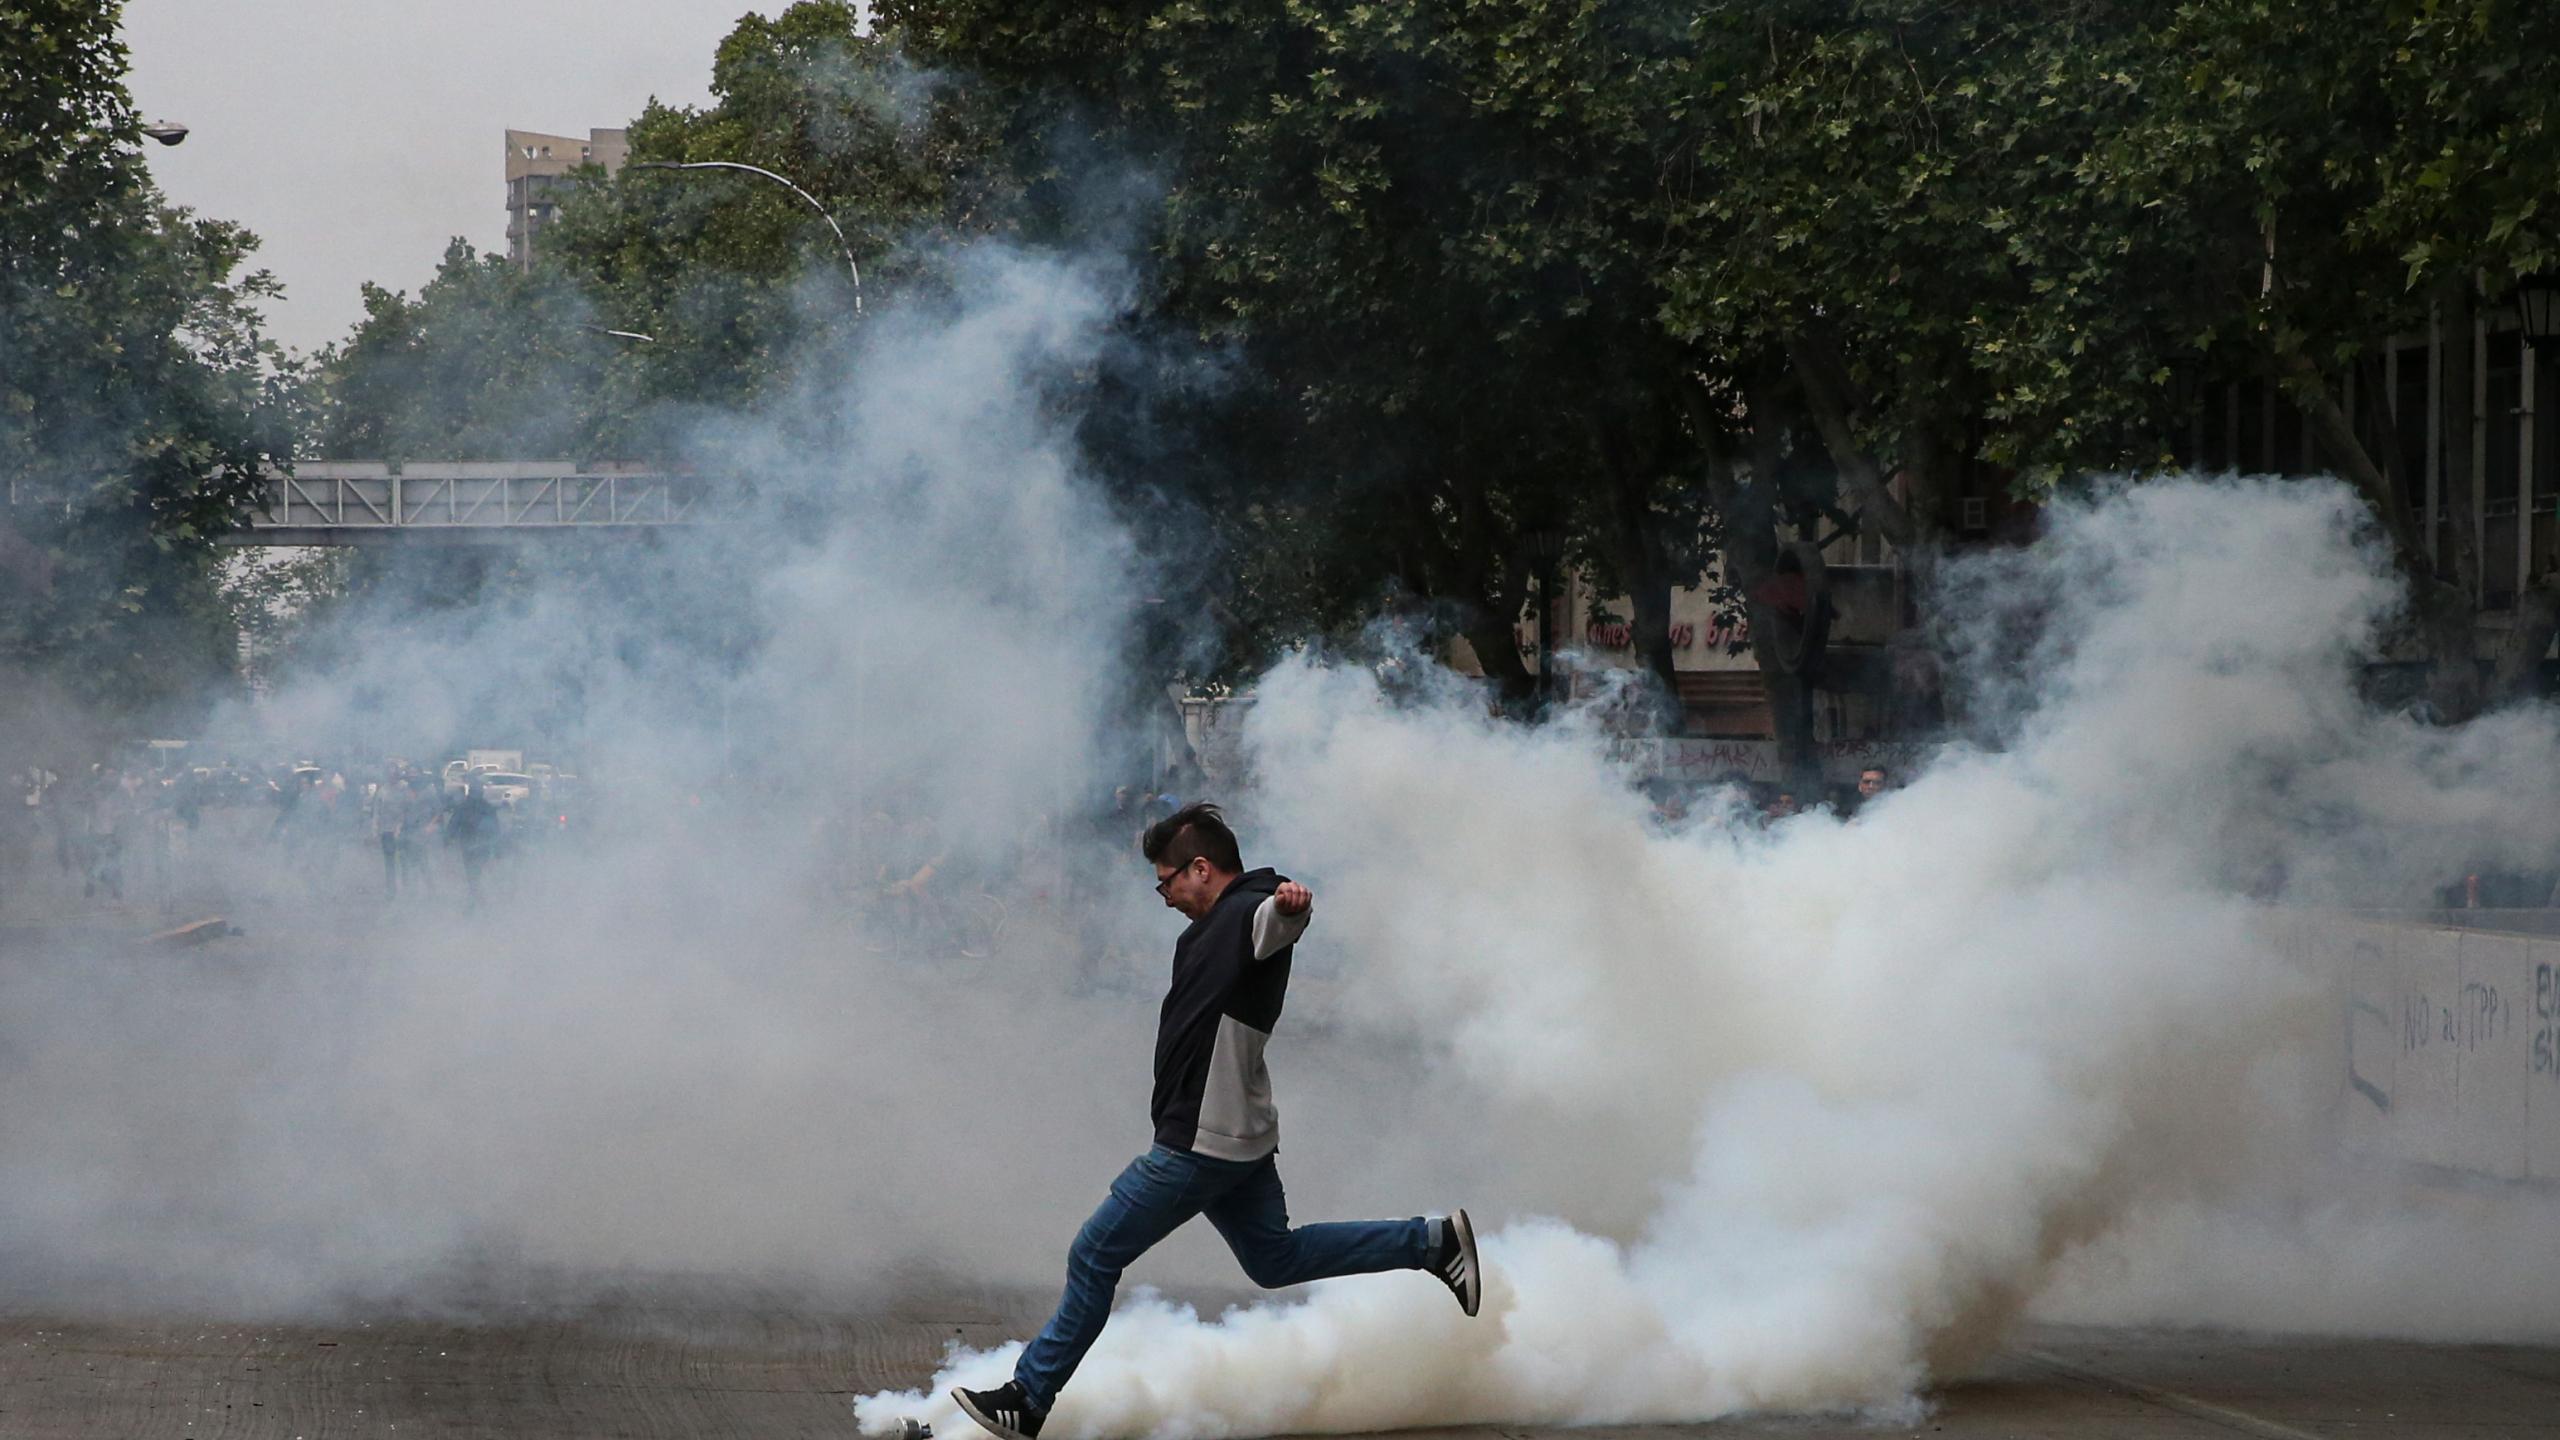 El gas lacrimógeno es más peligroso de lo que muchos creen y debería ser prohibido, según estudio